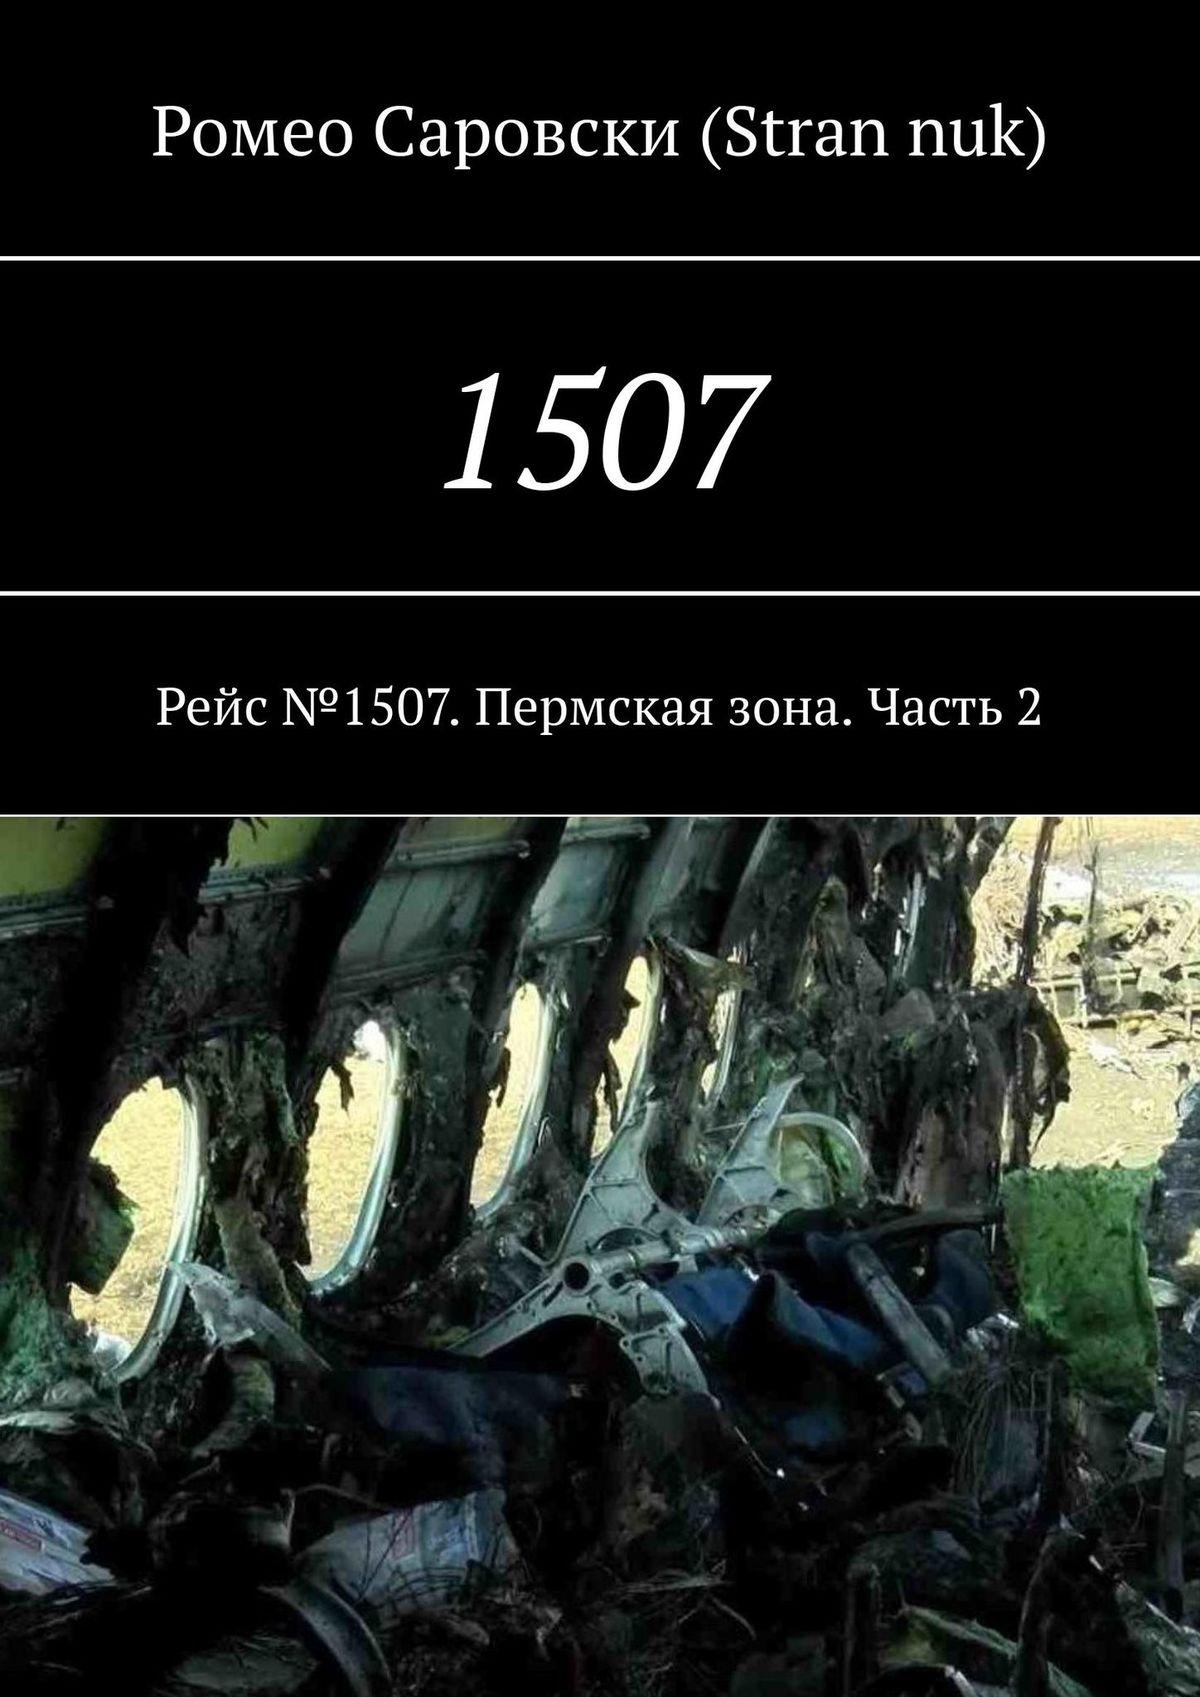 1507. Рейс №1507. Пермскаязона. Часть2